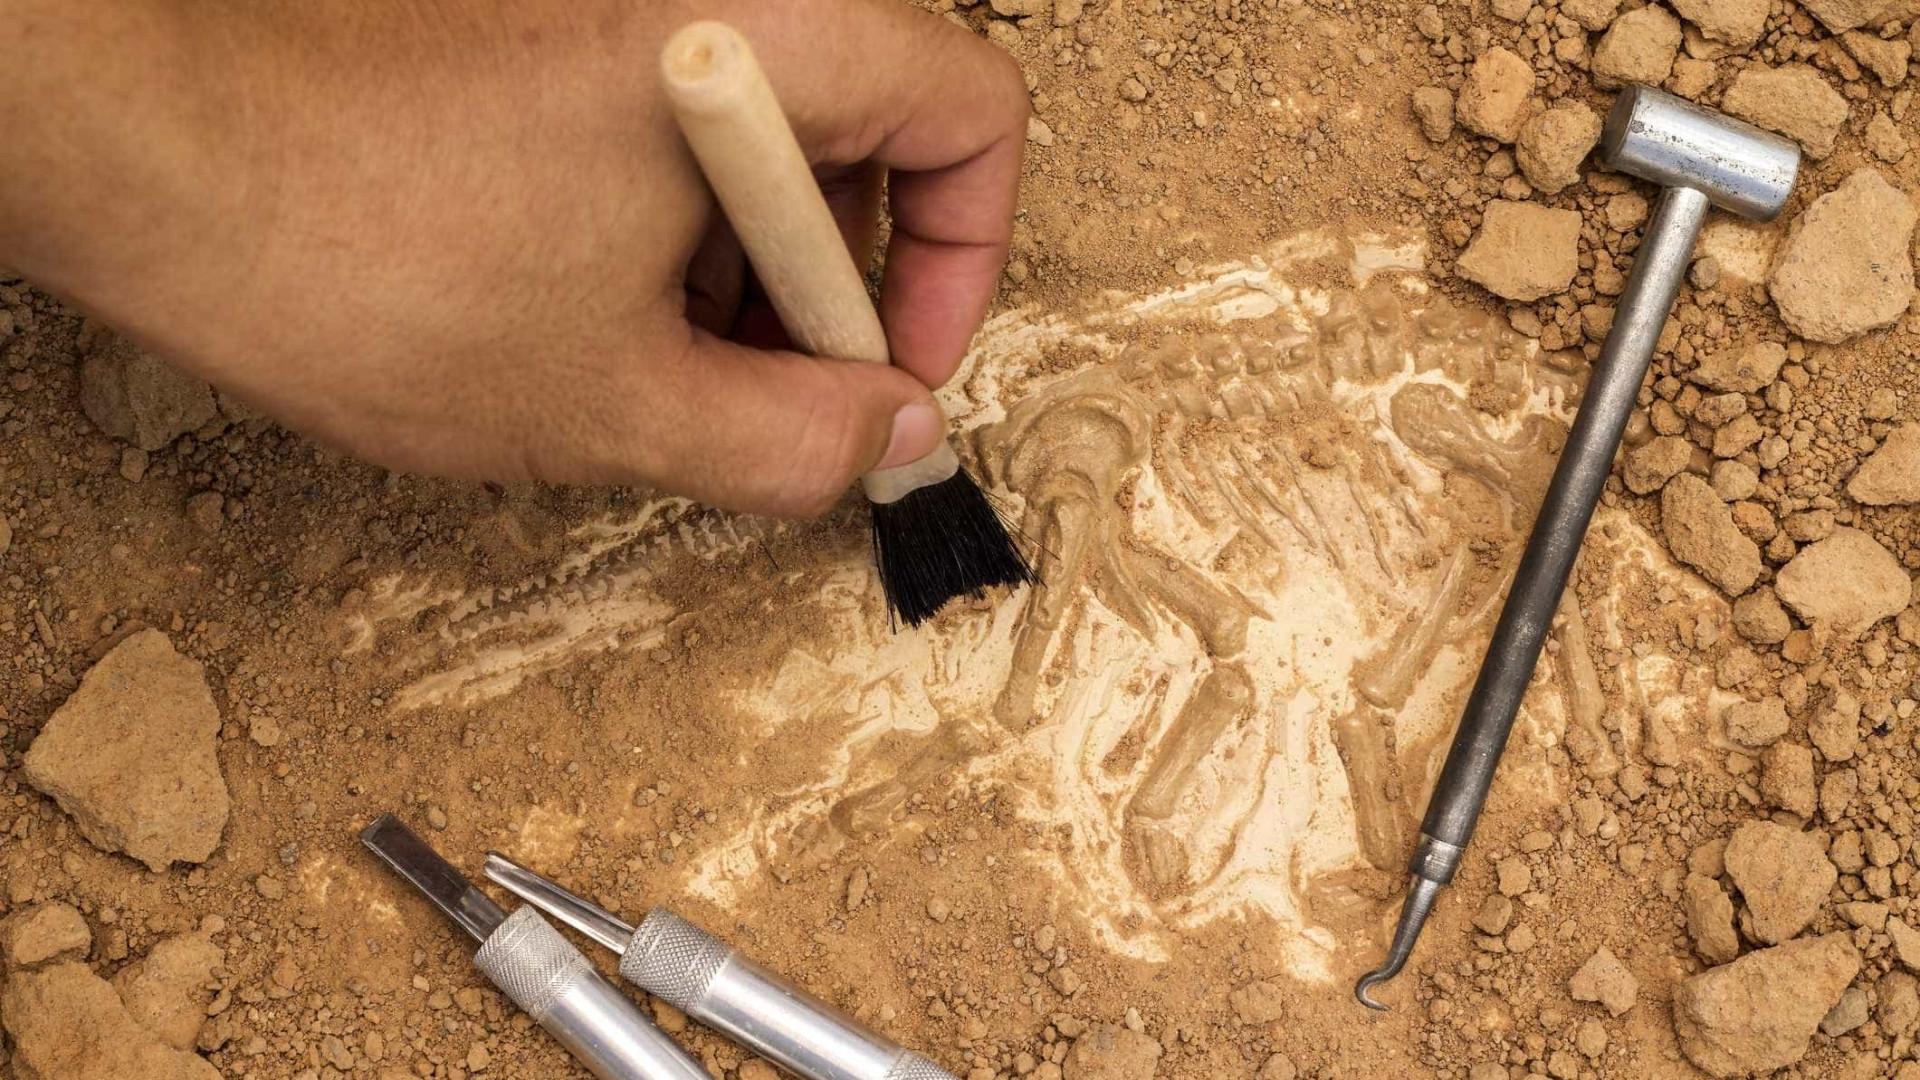 Península Ibérica teria maior diversidade de dinossauros saurópodes